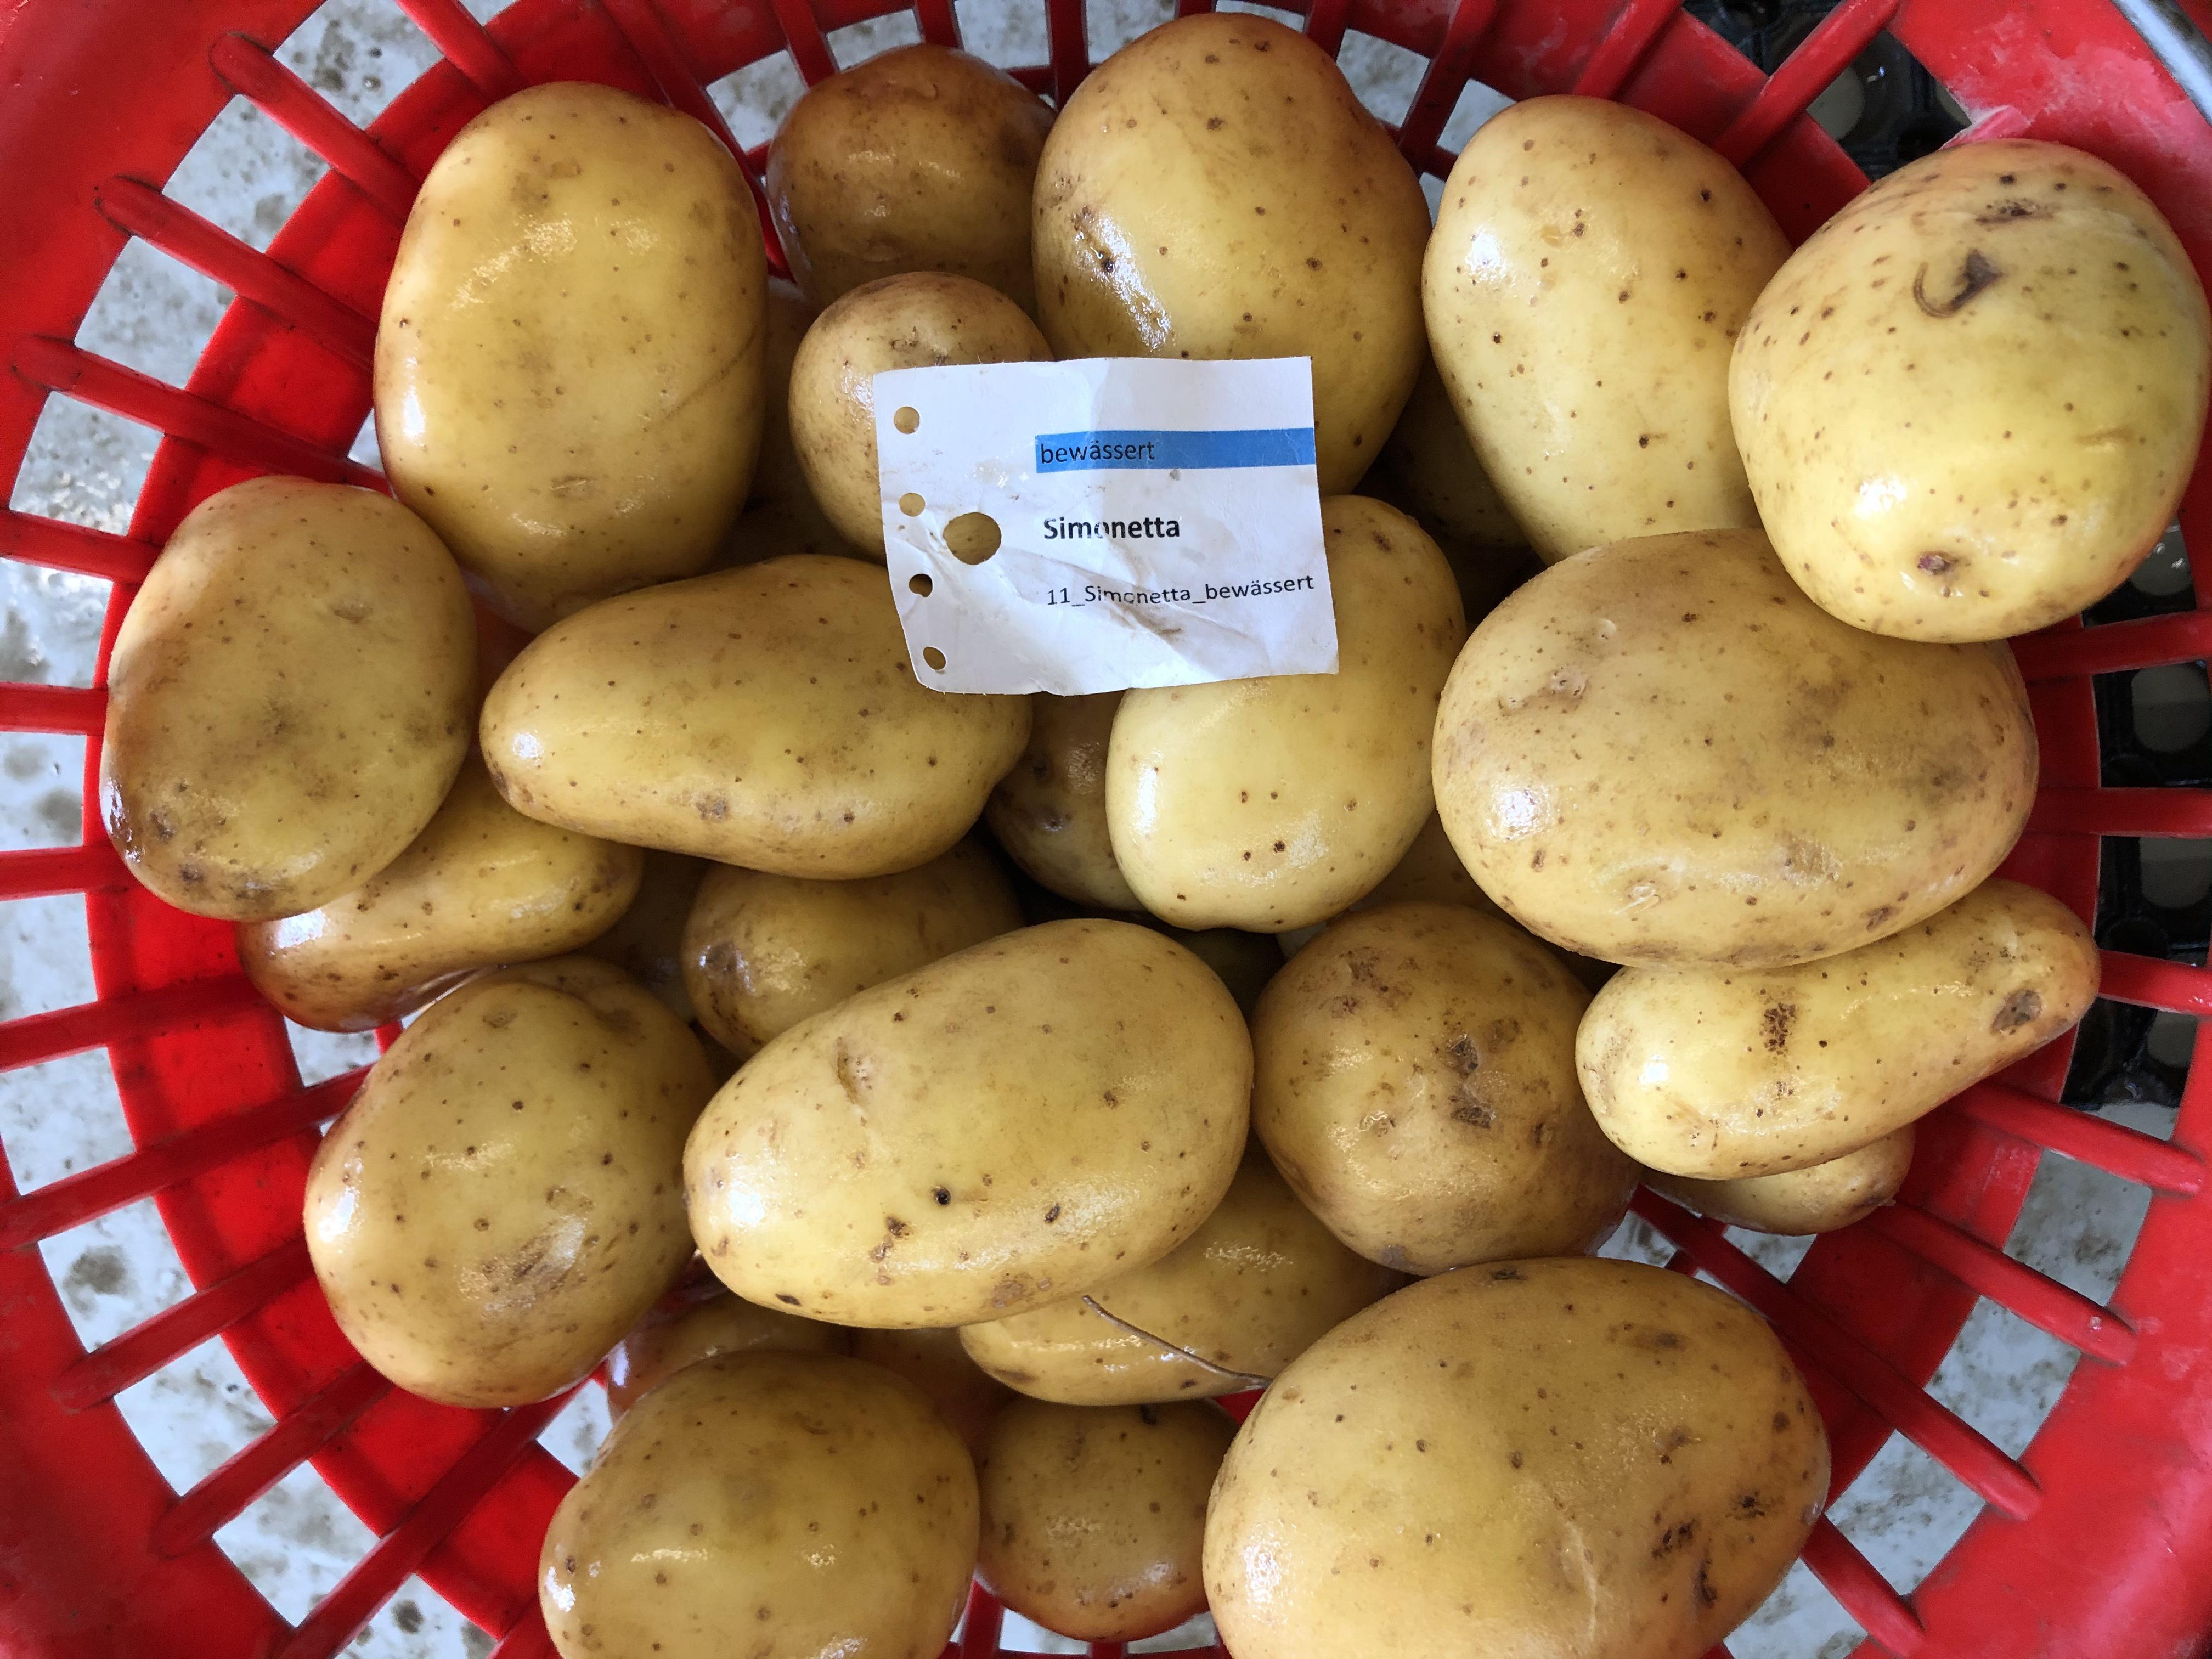 Waschprobe Sorte Simonetta, Kartoffel Sortenversuch Humlikon 2020